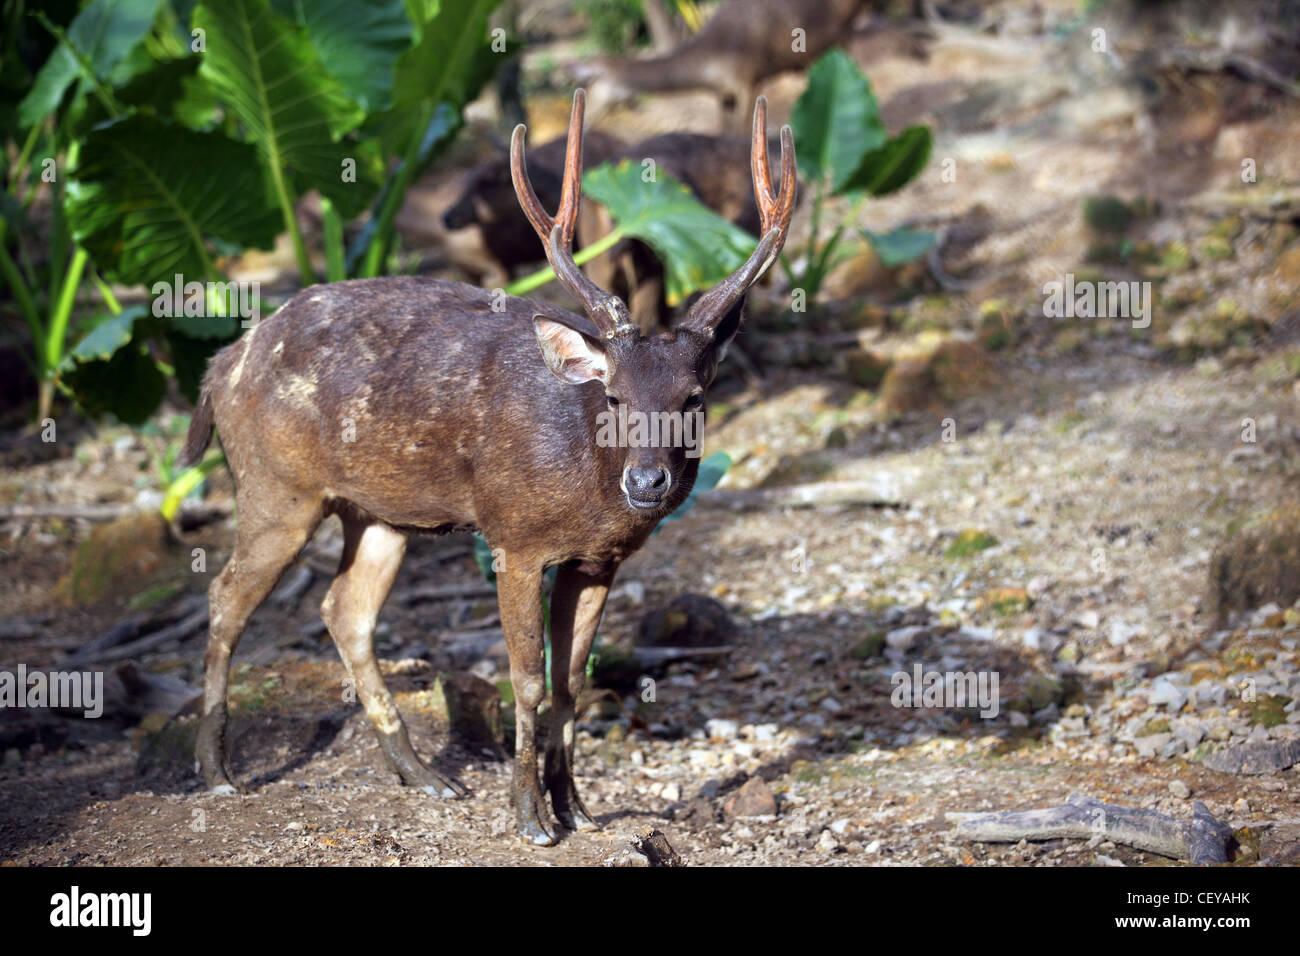 Java Deer at Lok Kawi Wildlife Park. Kota Kinabalu, Sabah, Borneo, Malaysia, South-East Asia, Asia - Stock Image